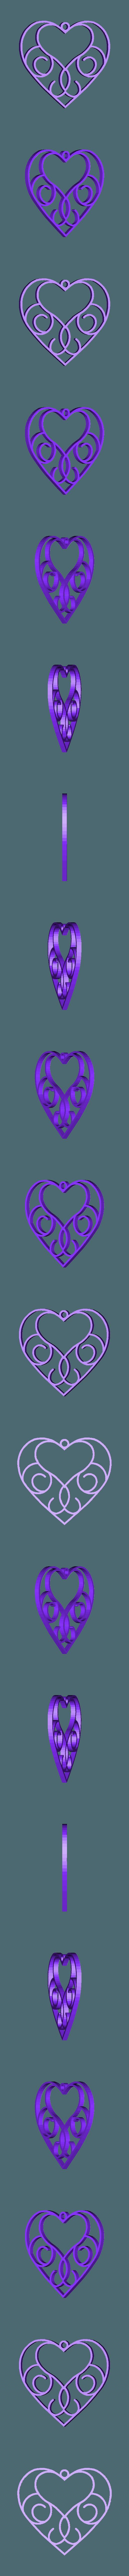 base_heart_rose.stl Télécharger fichier STL gratuit Coeur de Quilling imprimé en 3D • Modèle pour impression 3D, TanyaAkinora